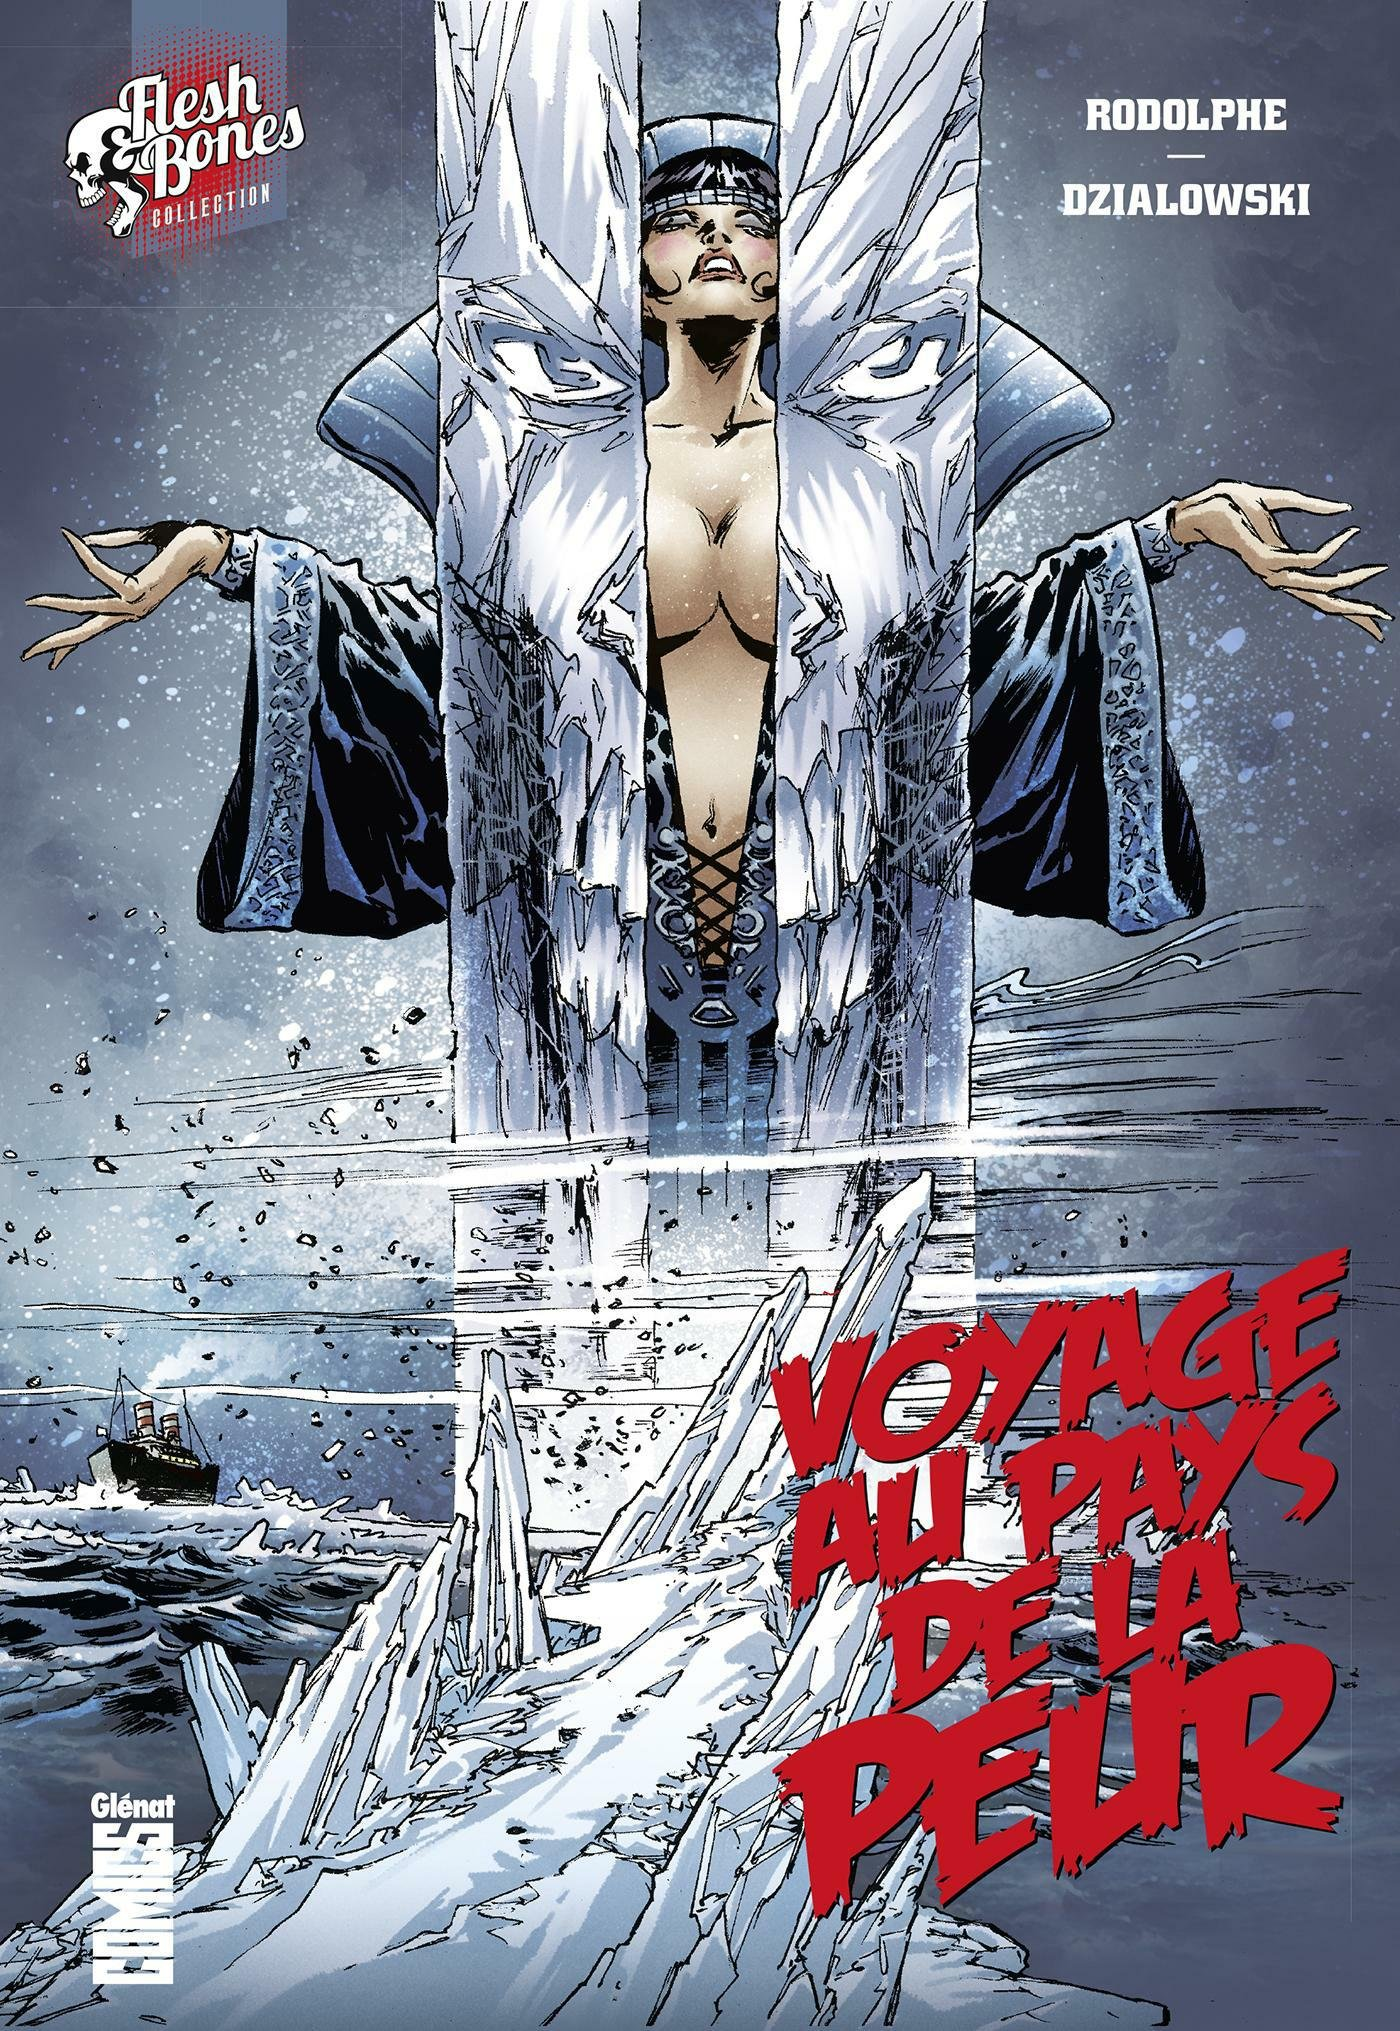 voyage-au-pays-de-la-peur-rodolphe-dzialowski-glenat-comics-couverture